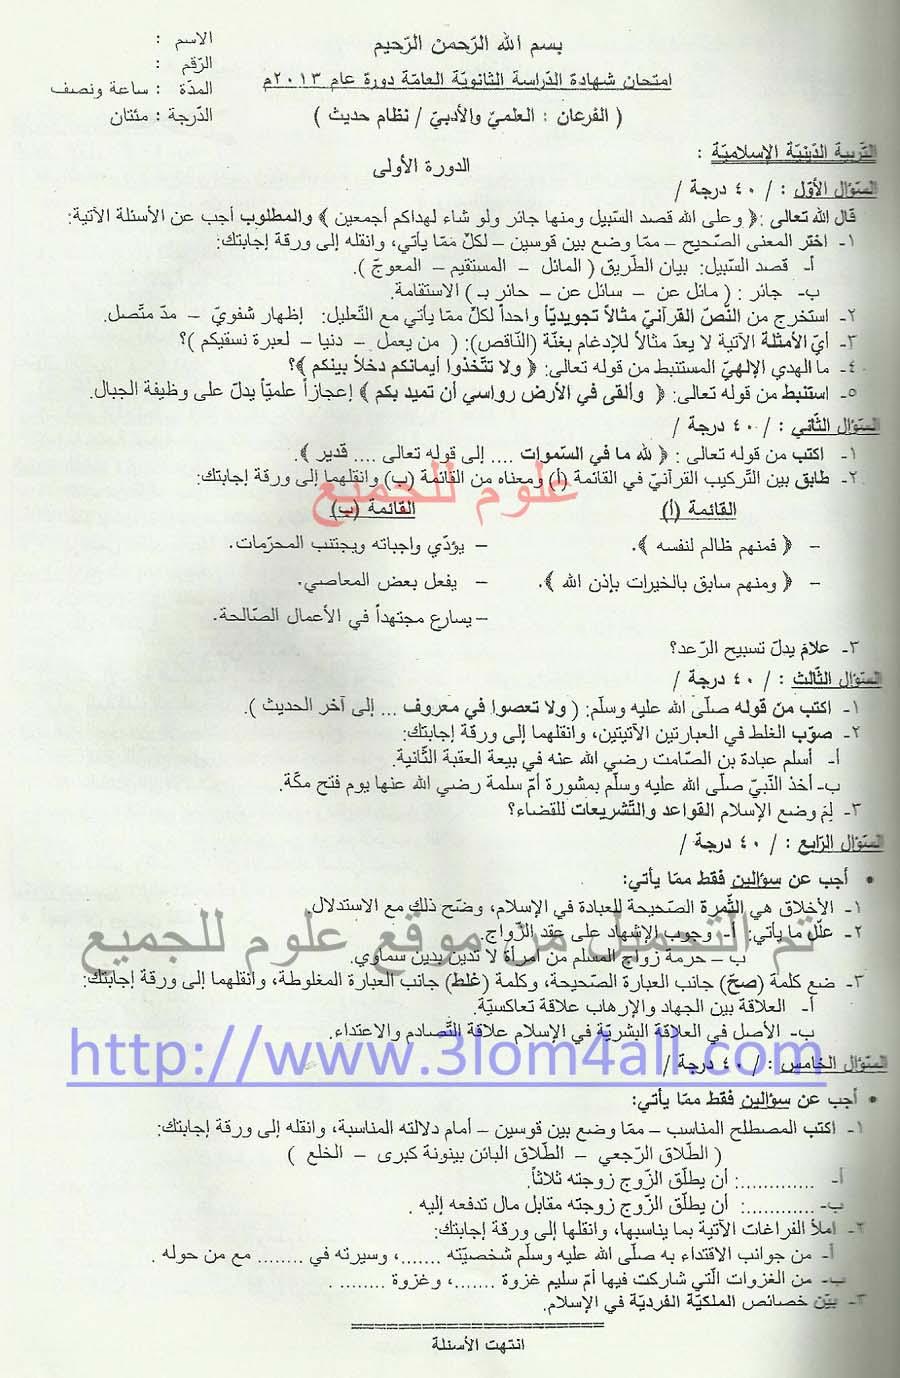 ورقة الديانة الاسلامية البكالوريا 2013 الدورة الاولى